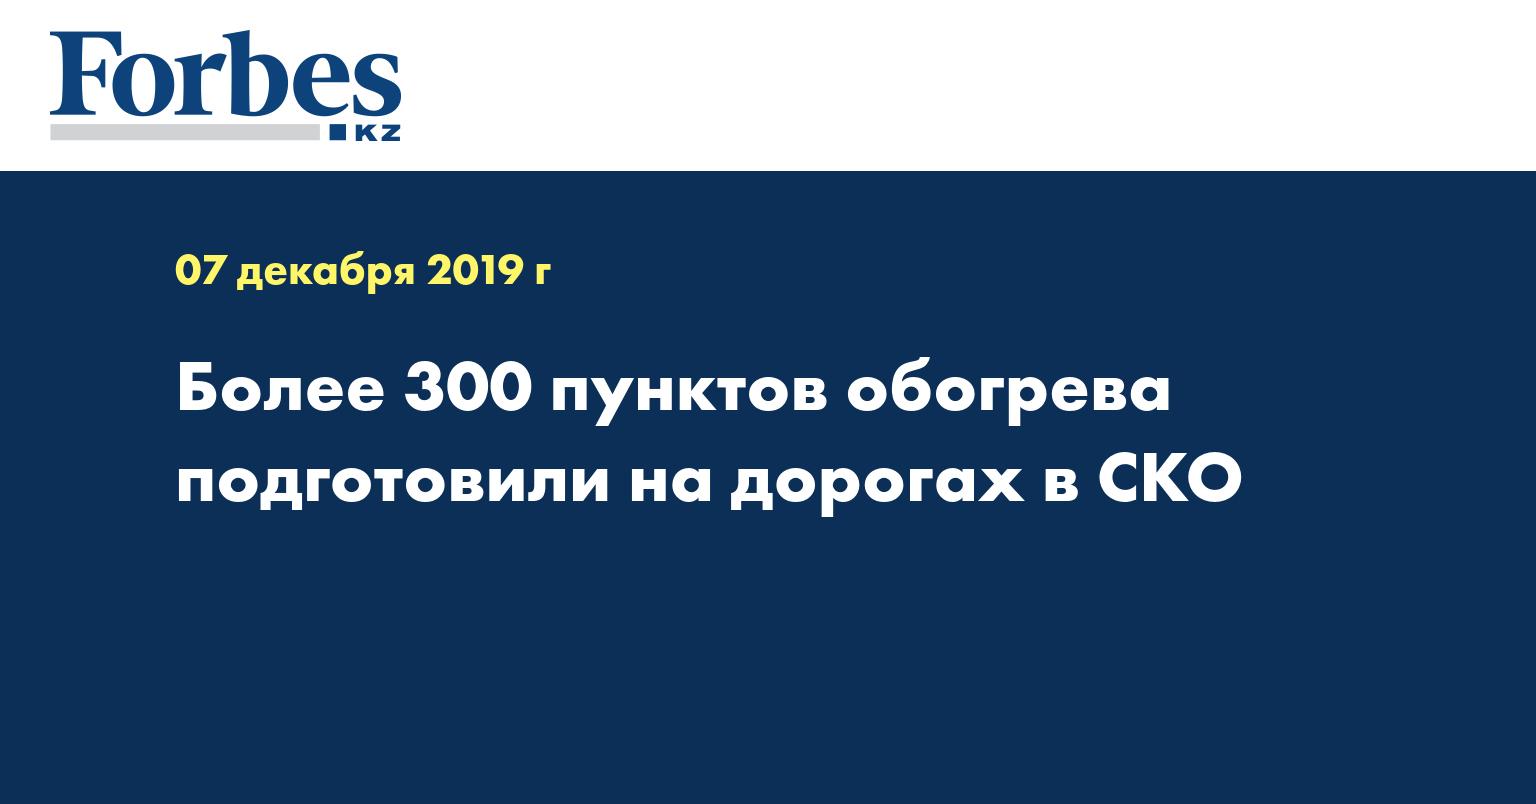 Более 300 пунктов обогрева подготовили на дорогах в СКО